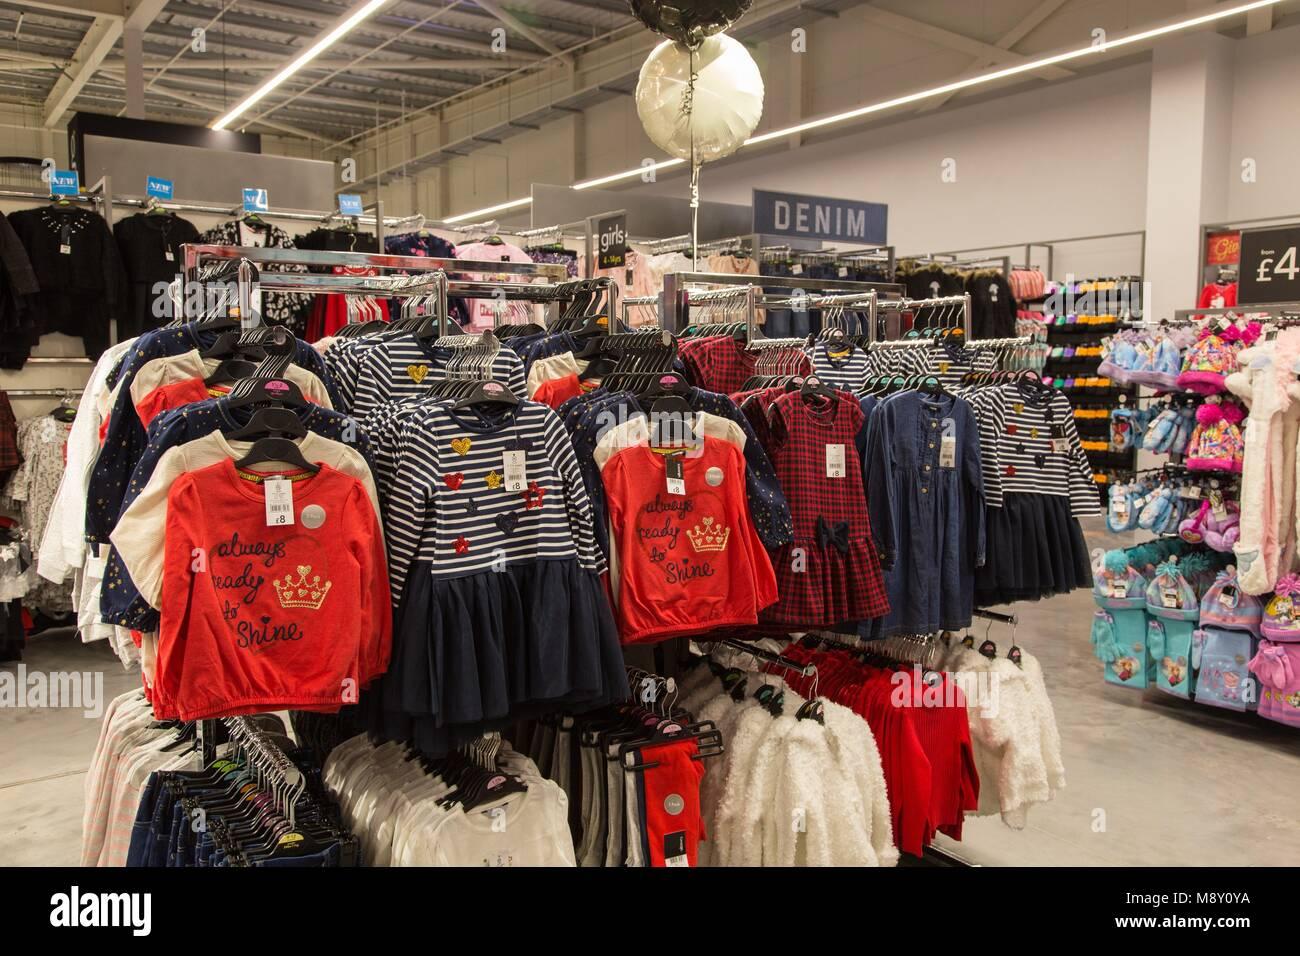 Ropa para niños a la venta en la sección de George un supermercado Asda. Imagen De Stock